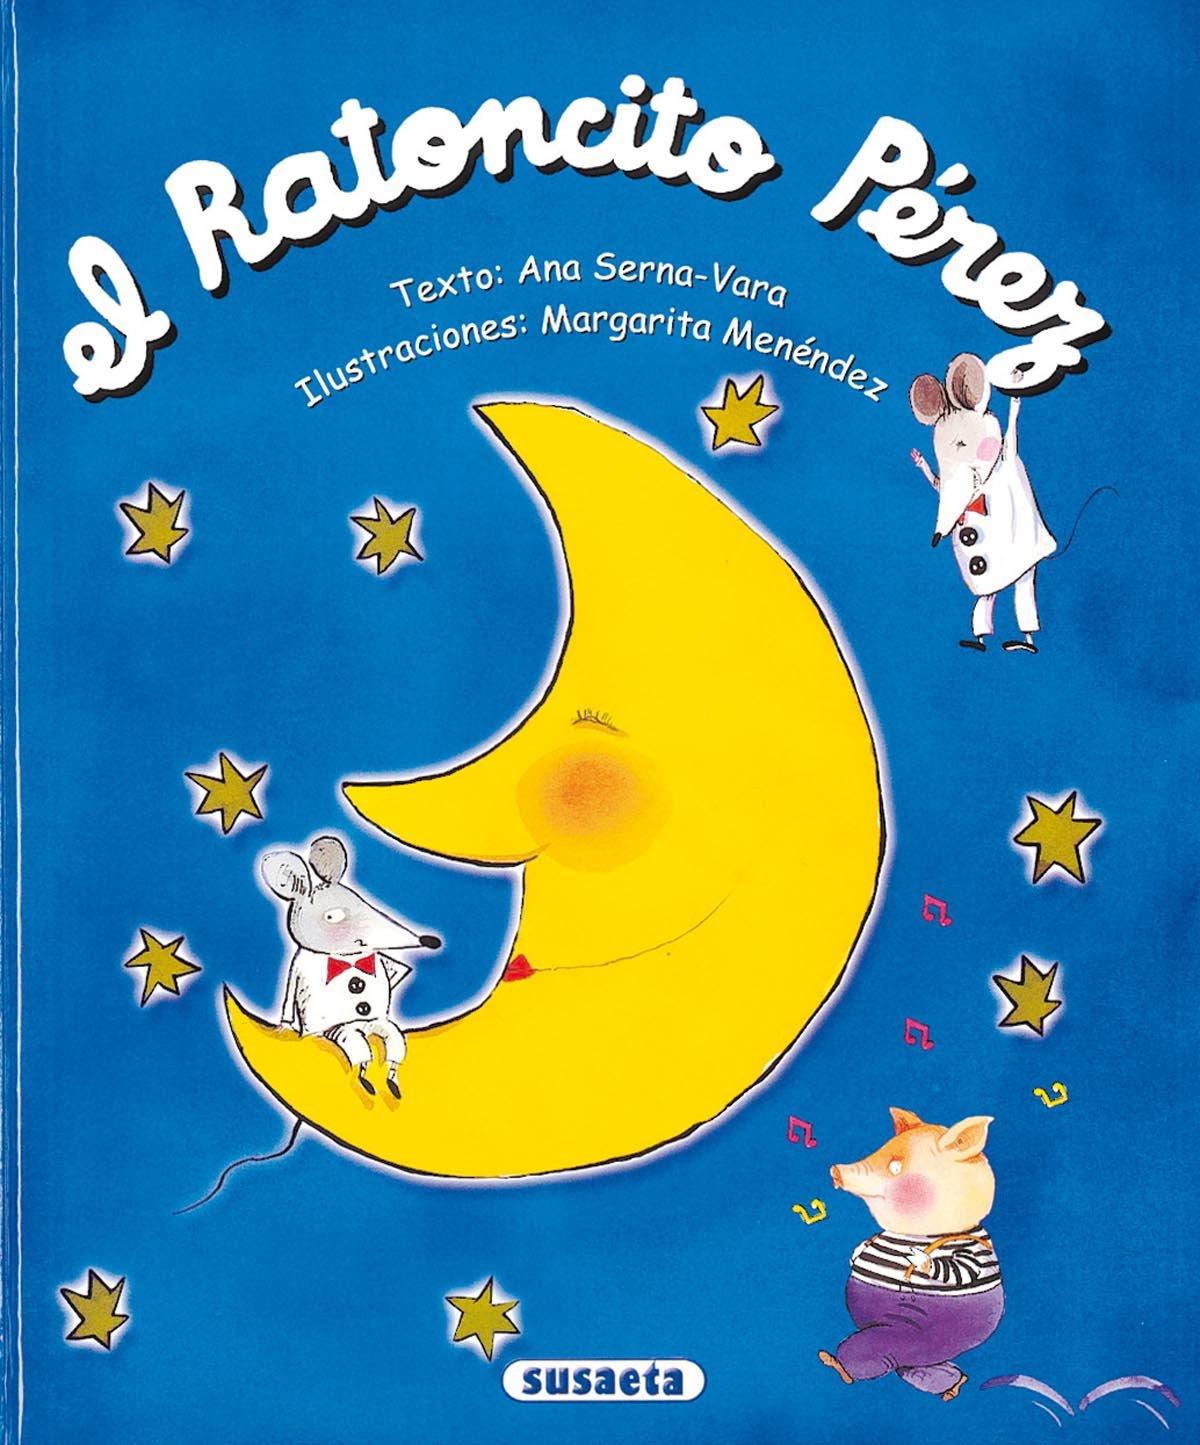 Ratoncito Perez (Susaeta) (El Mundo De Los Niños): Amazon.es: Serna-Vara,  Menendez: Libros